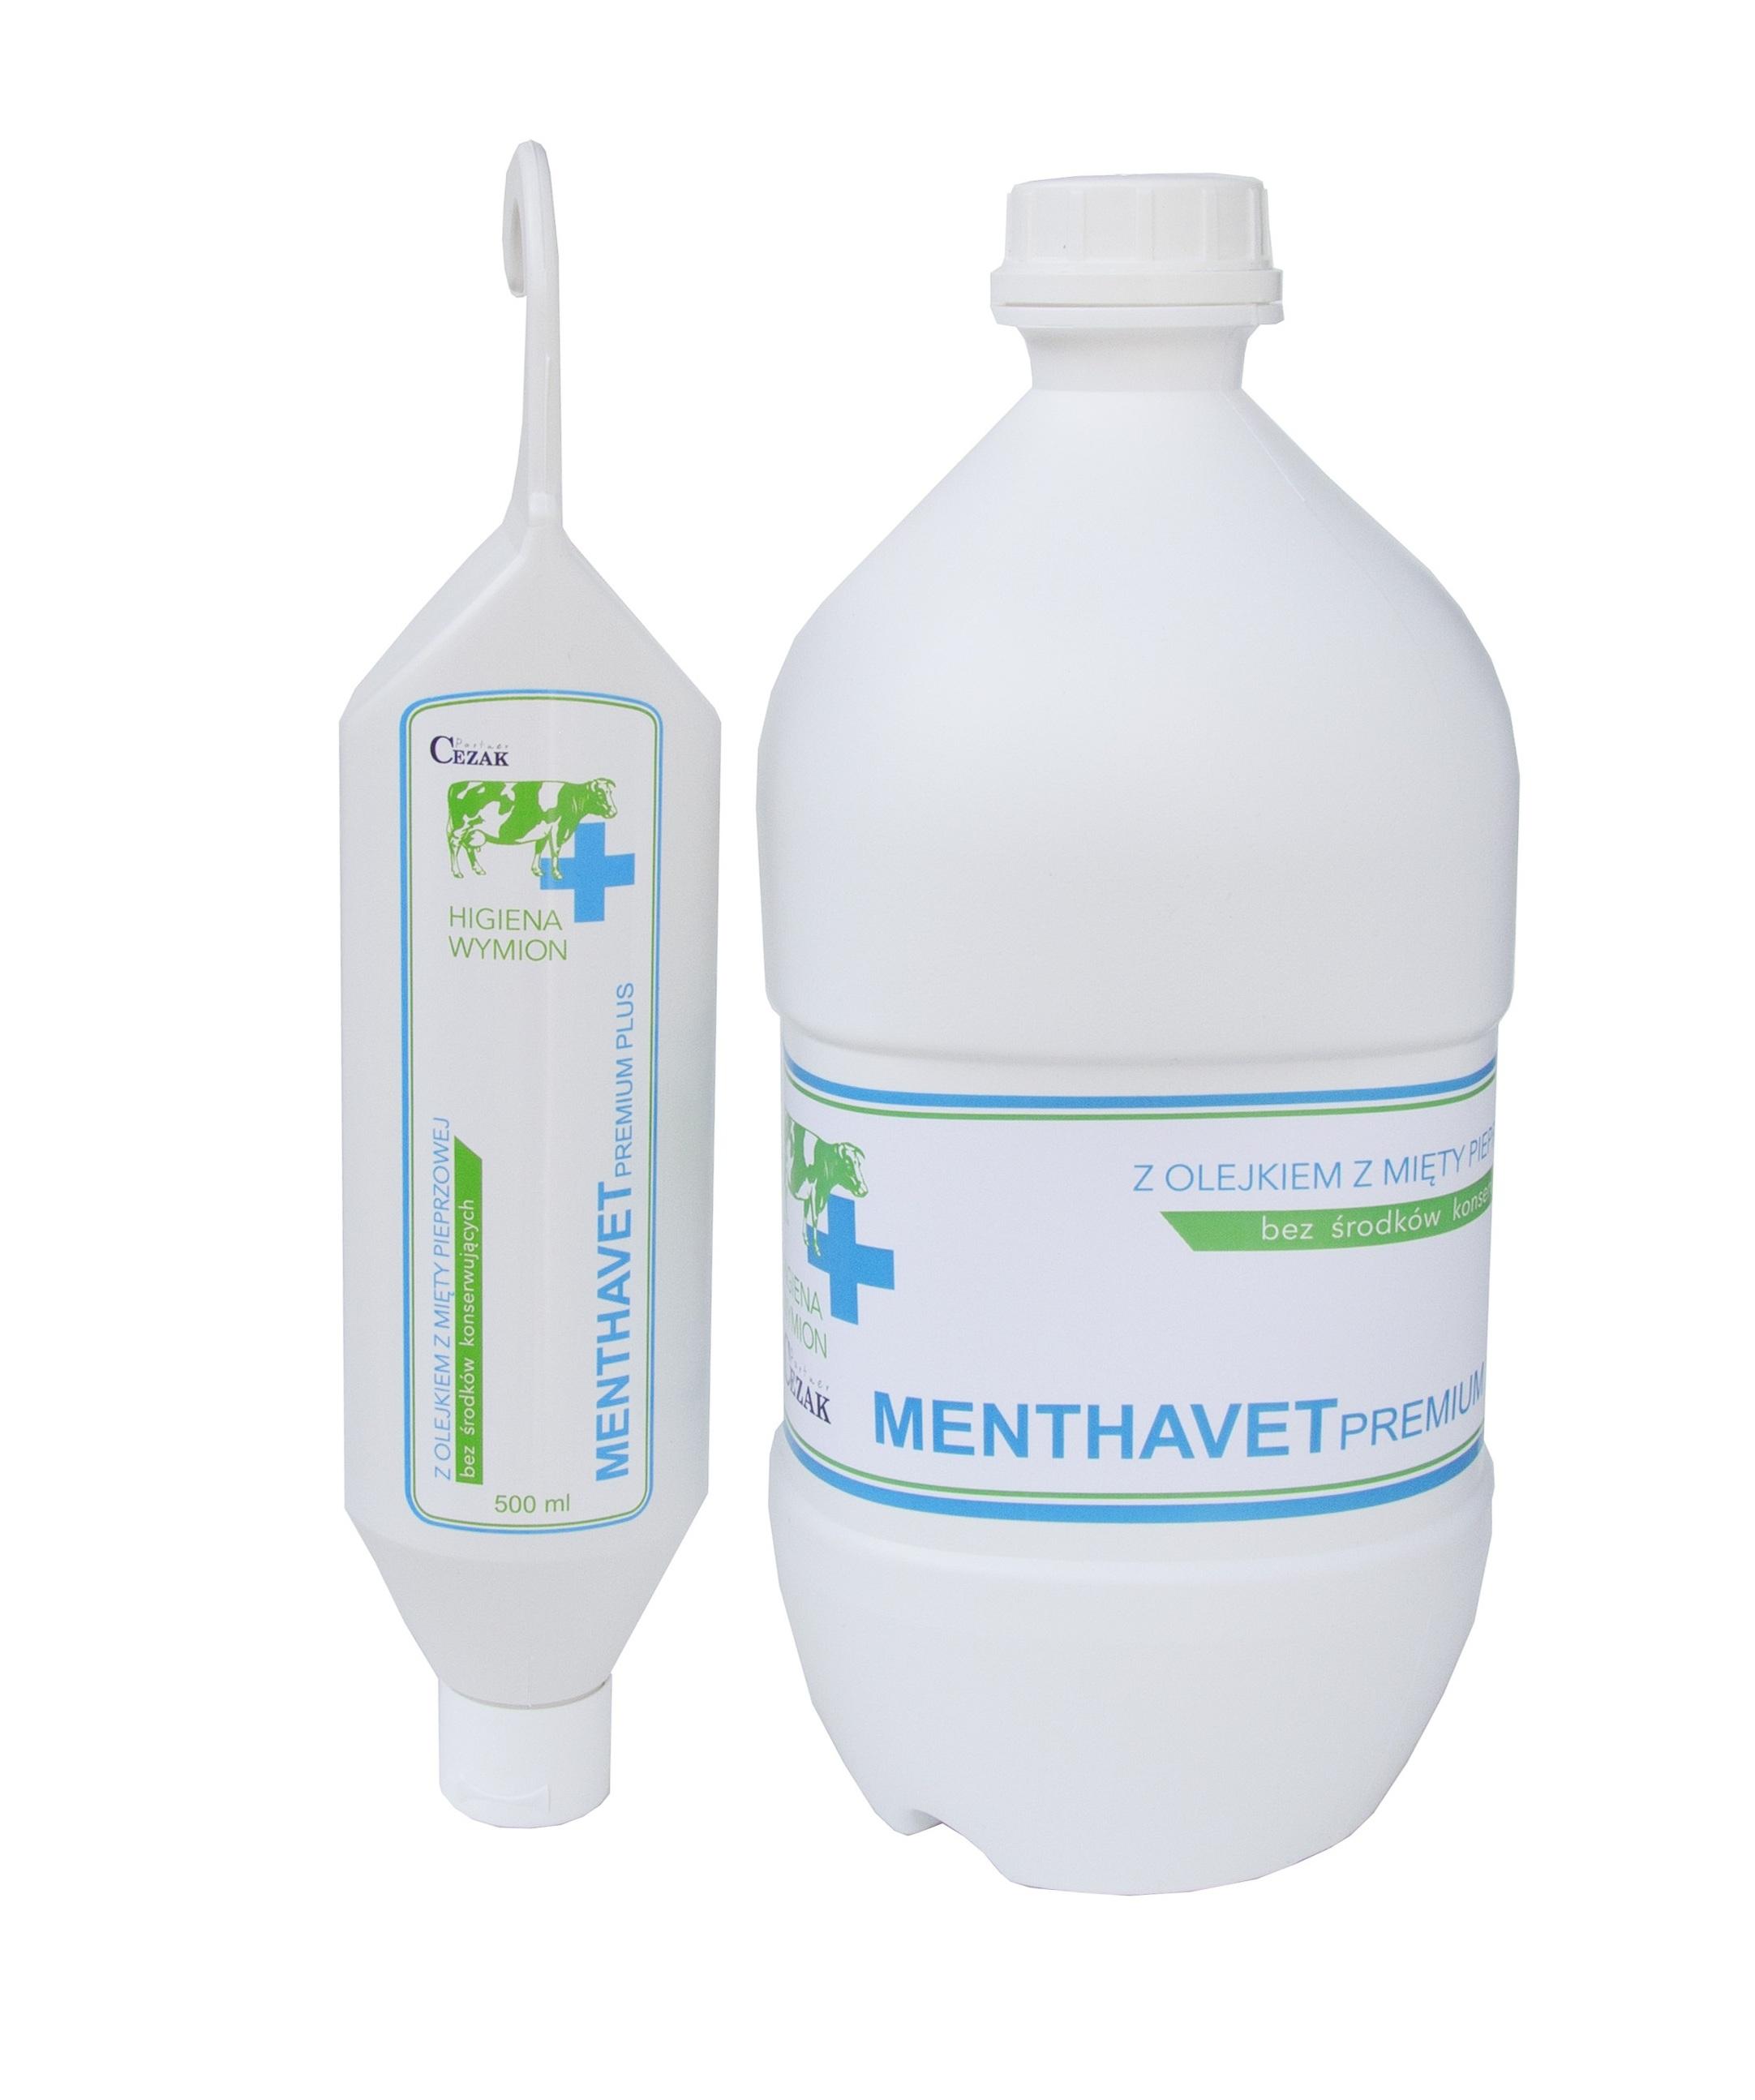 MENTHAVet Premium